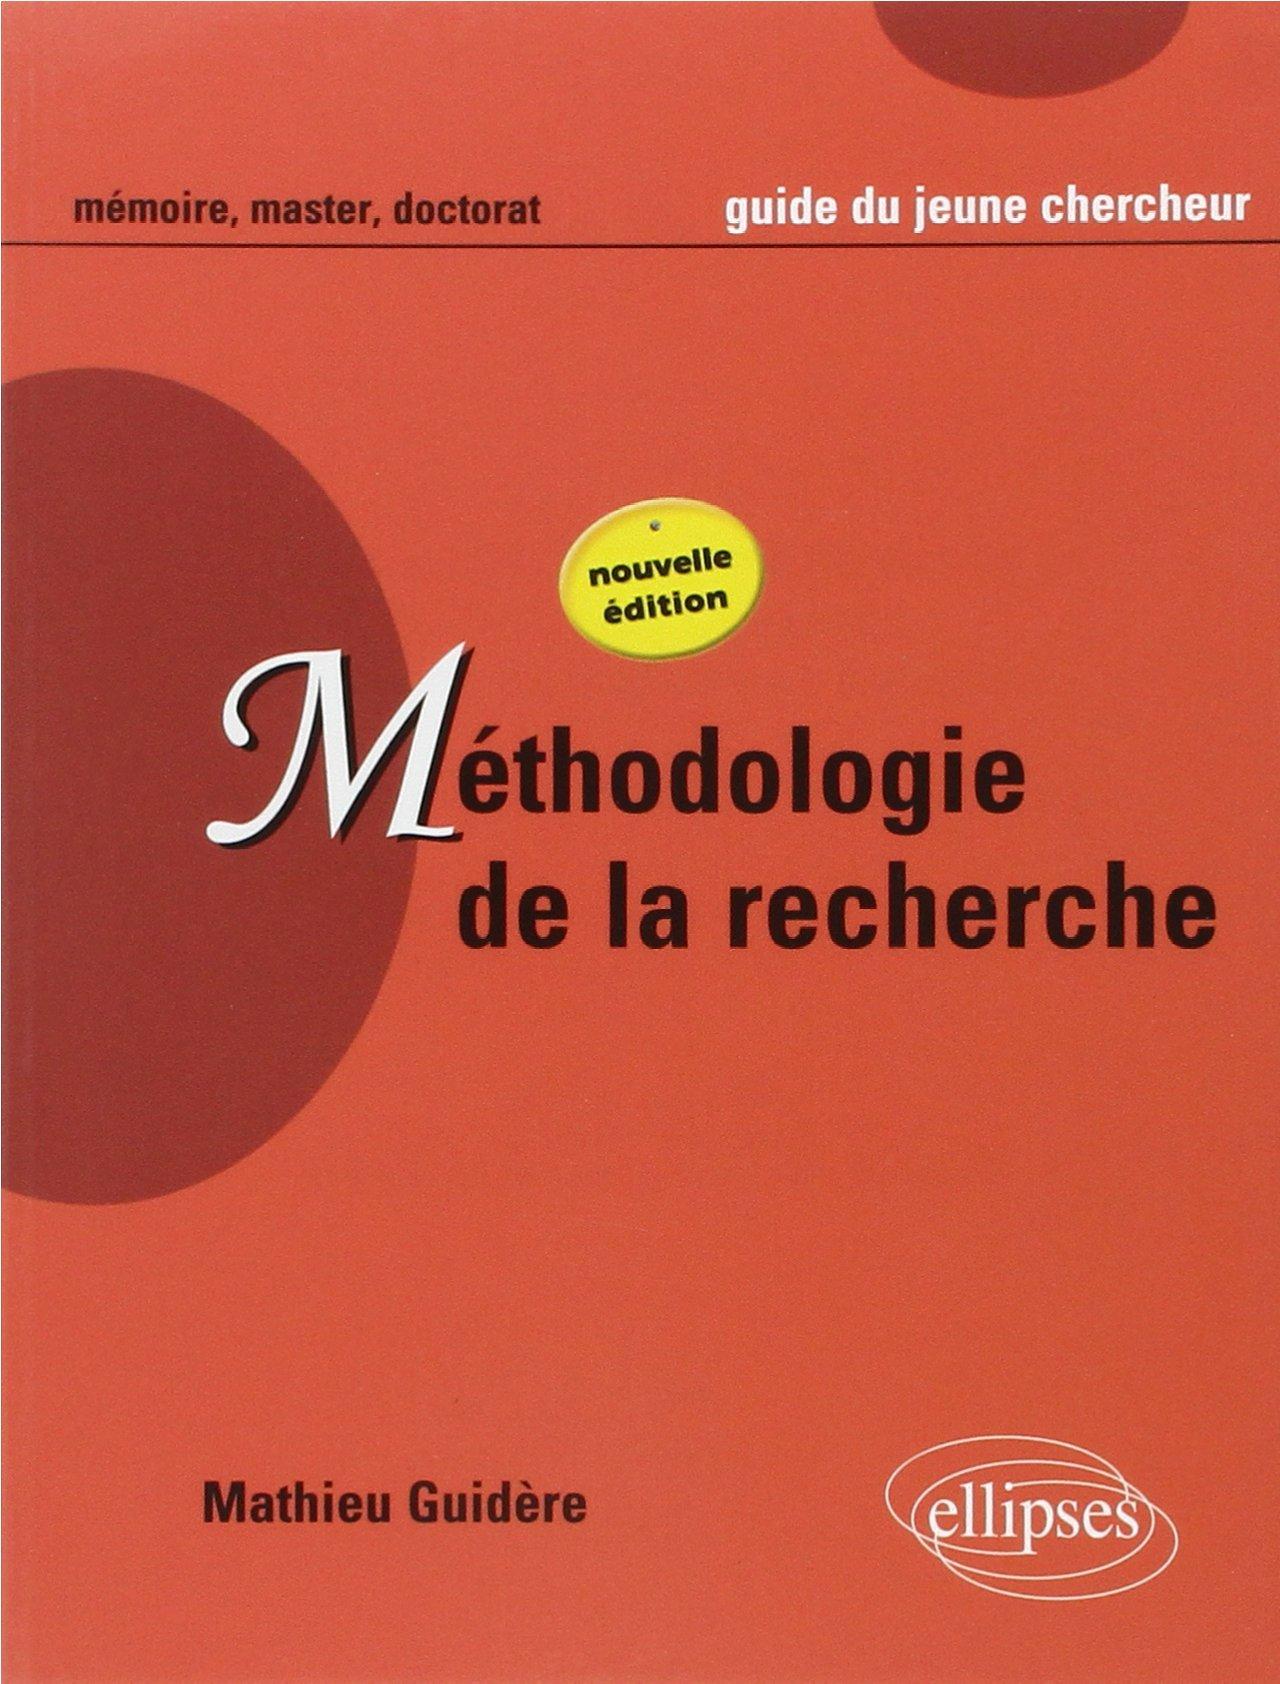 Methodologie De La Recherche Guide Du Jeune Chercheur En